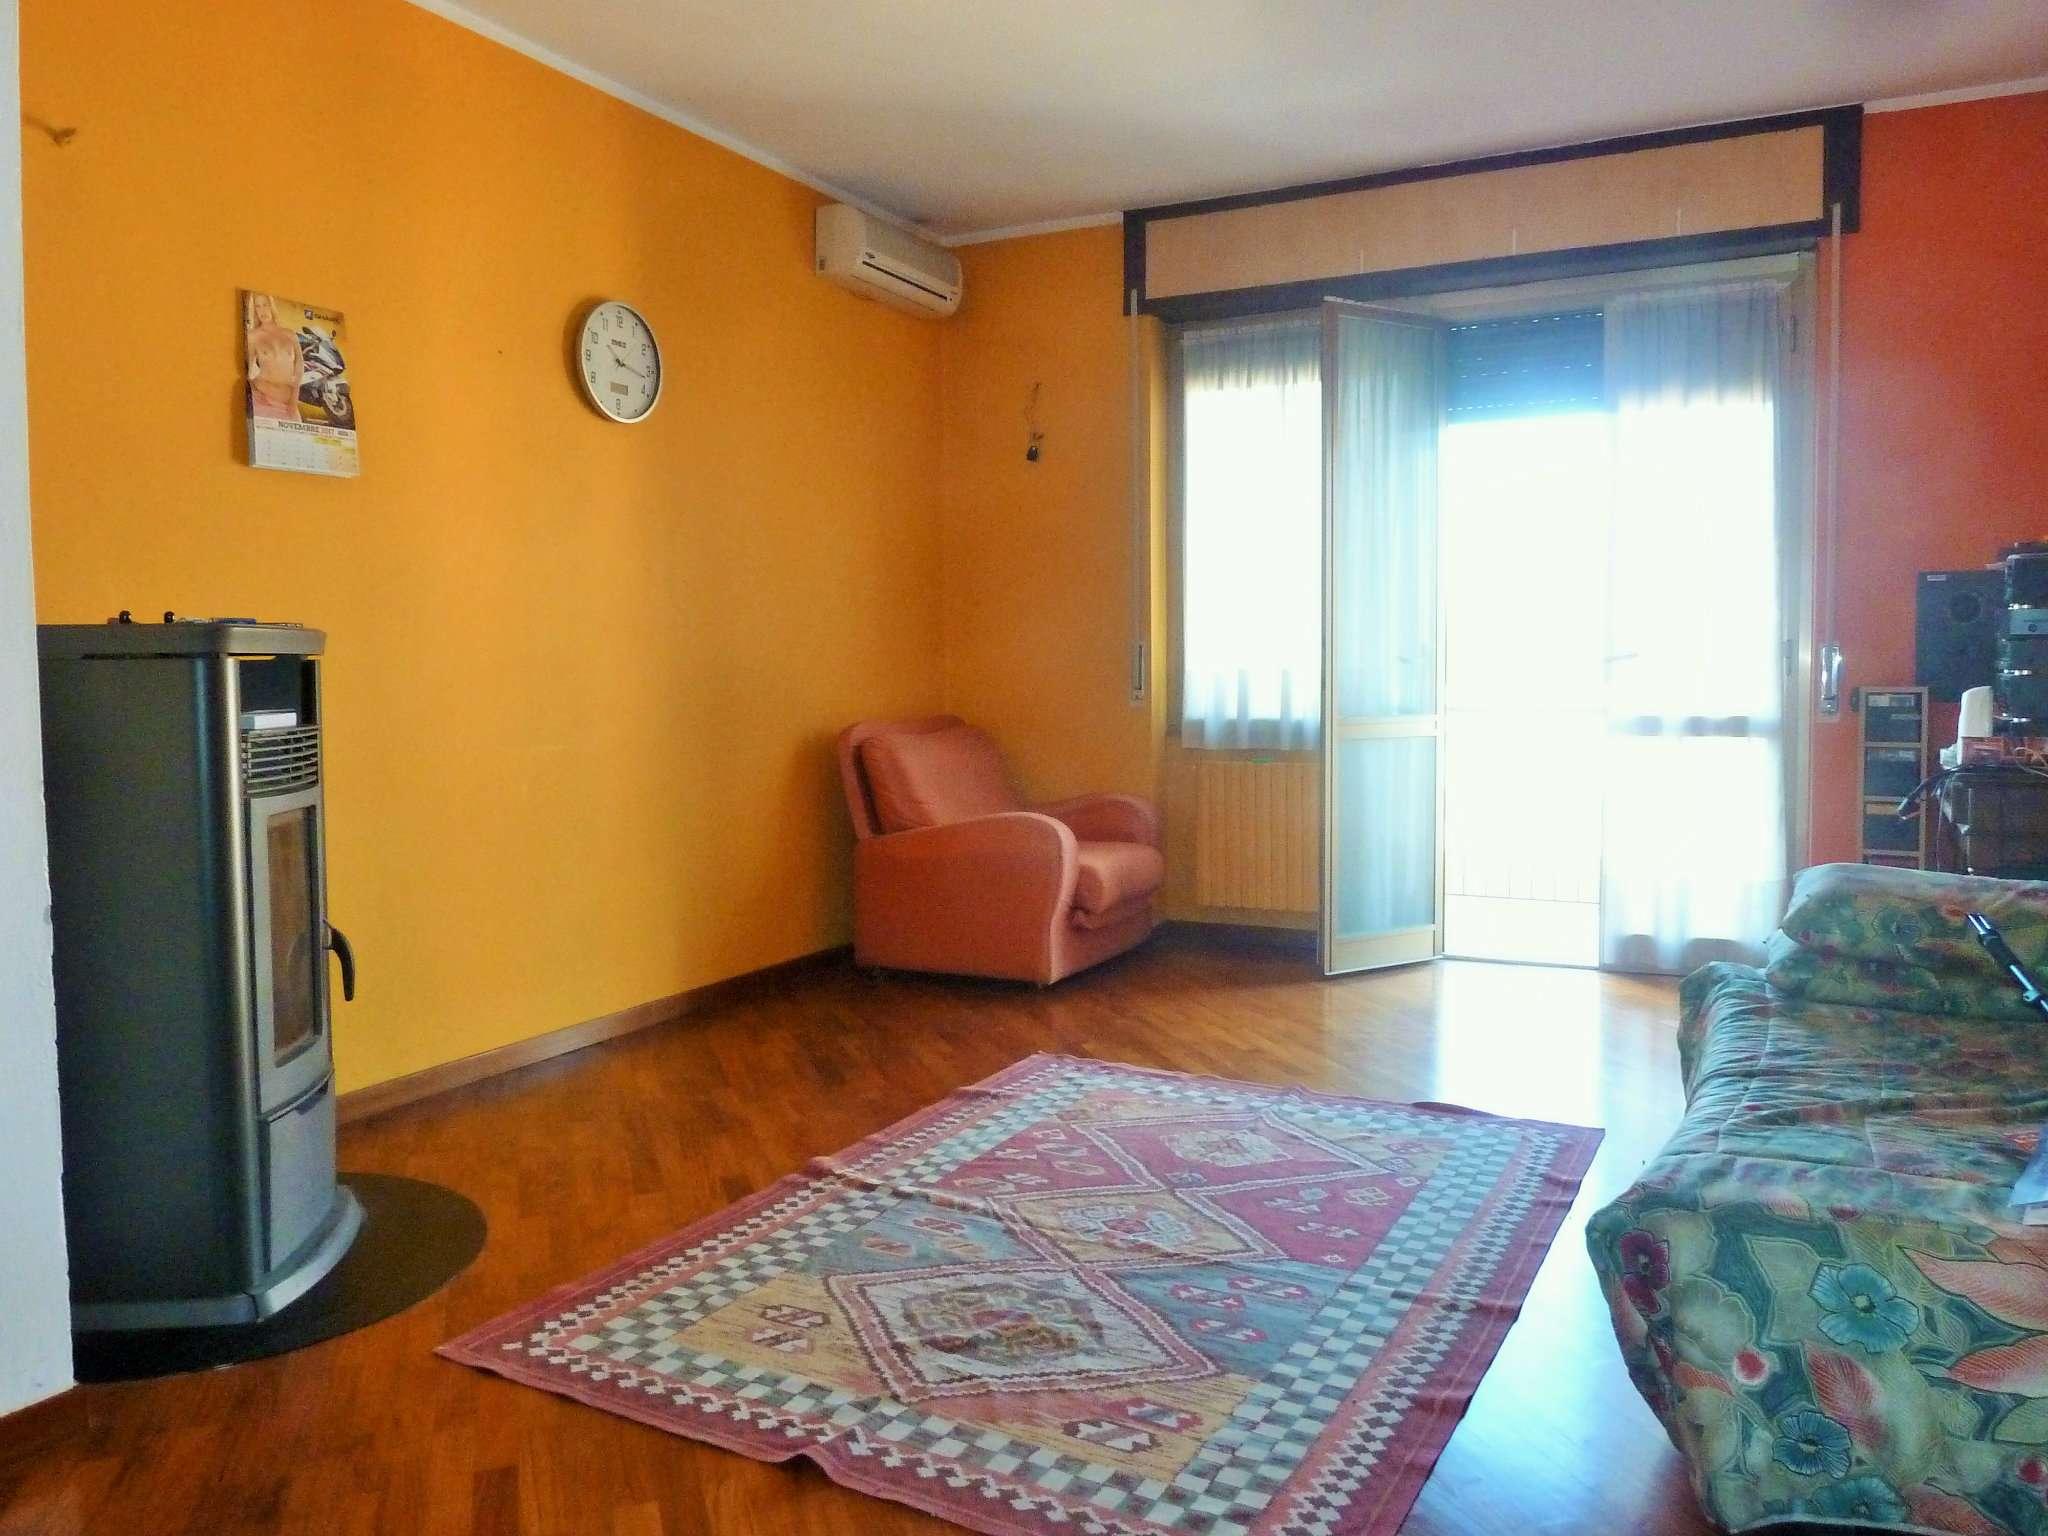 Appartamento in vendita a Rovellasca, 3 locali, prezzo € 113.000 | CambioCasa.it